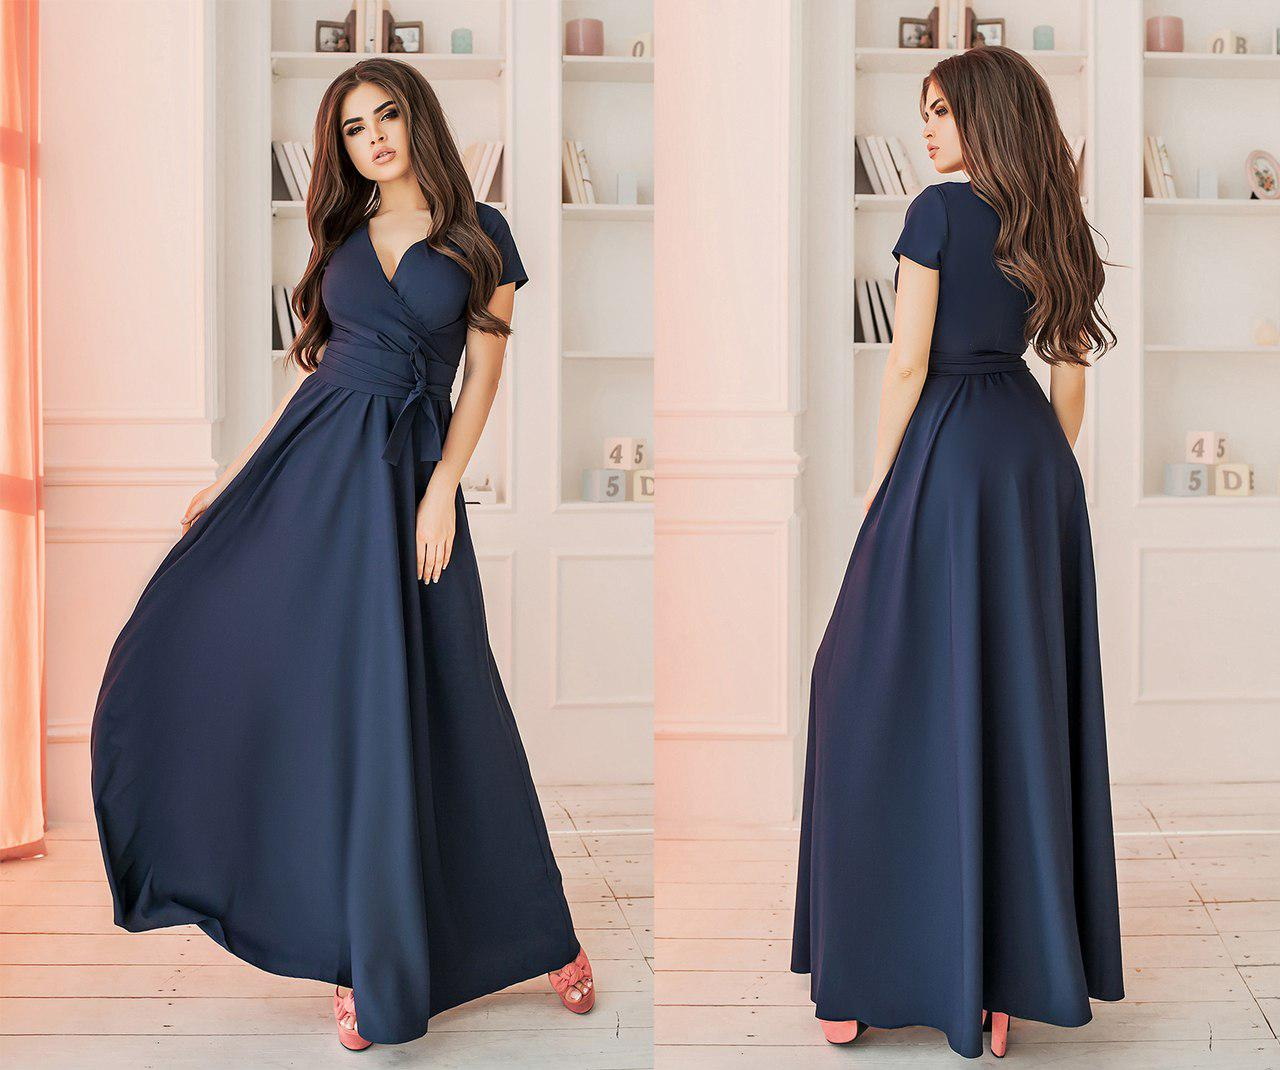 335c41b6a89 Красивое длинное платье макси супер качества - Интернет-магазин